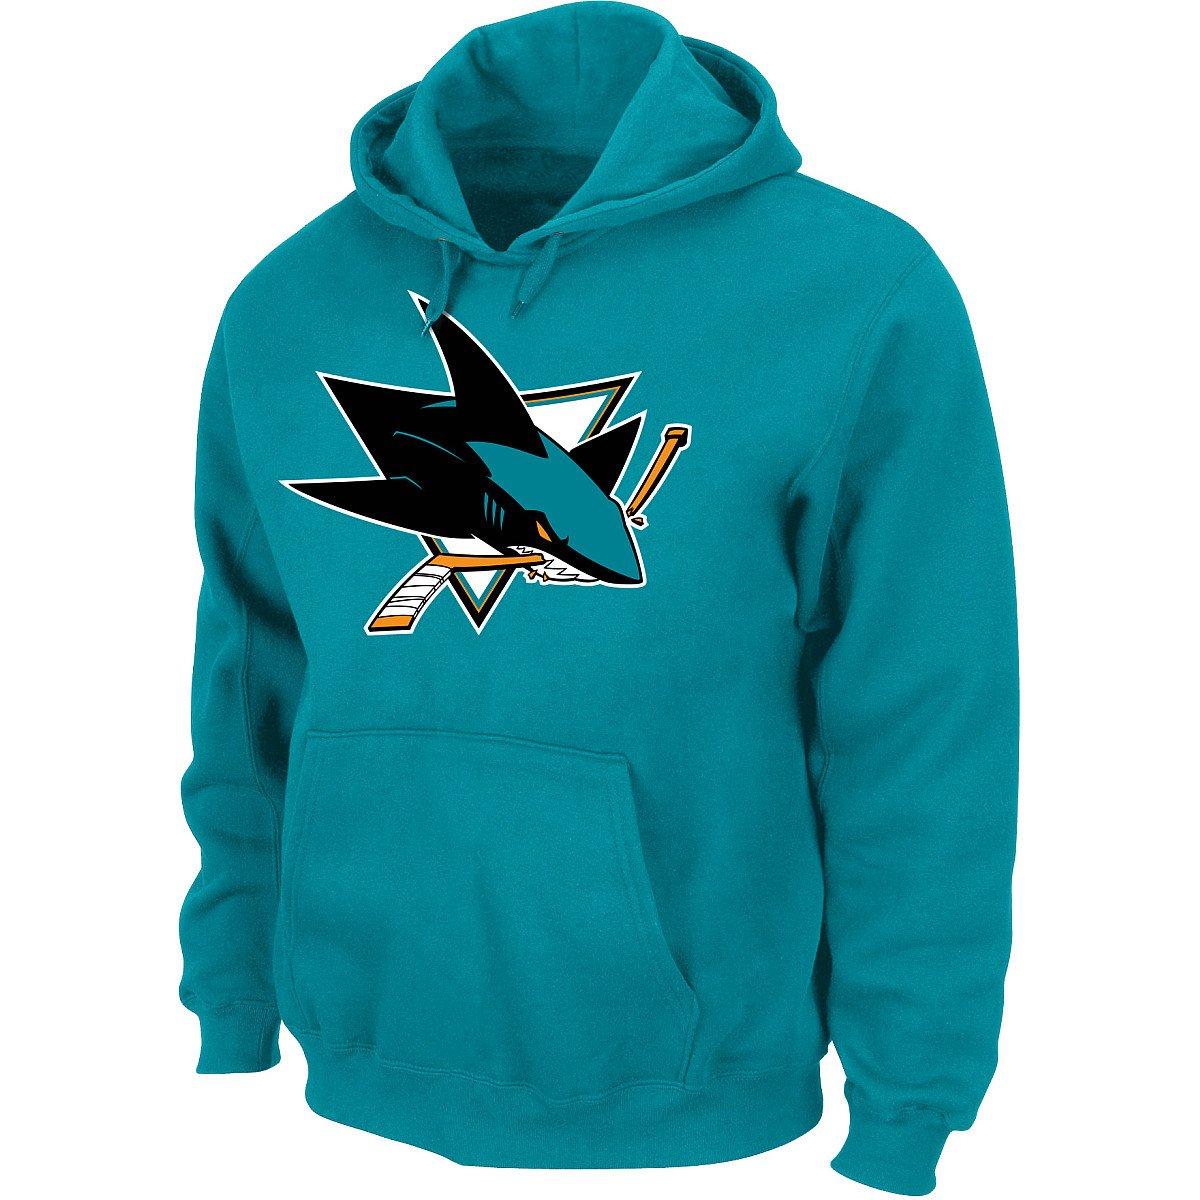 NHL Kaputzenpullover/Hoody/Hoodie SAN Jose Sharks Teal Logo in Large (L) Hooded Sweater Majestic M09918112GE7BH